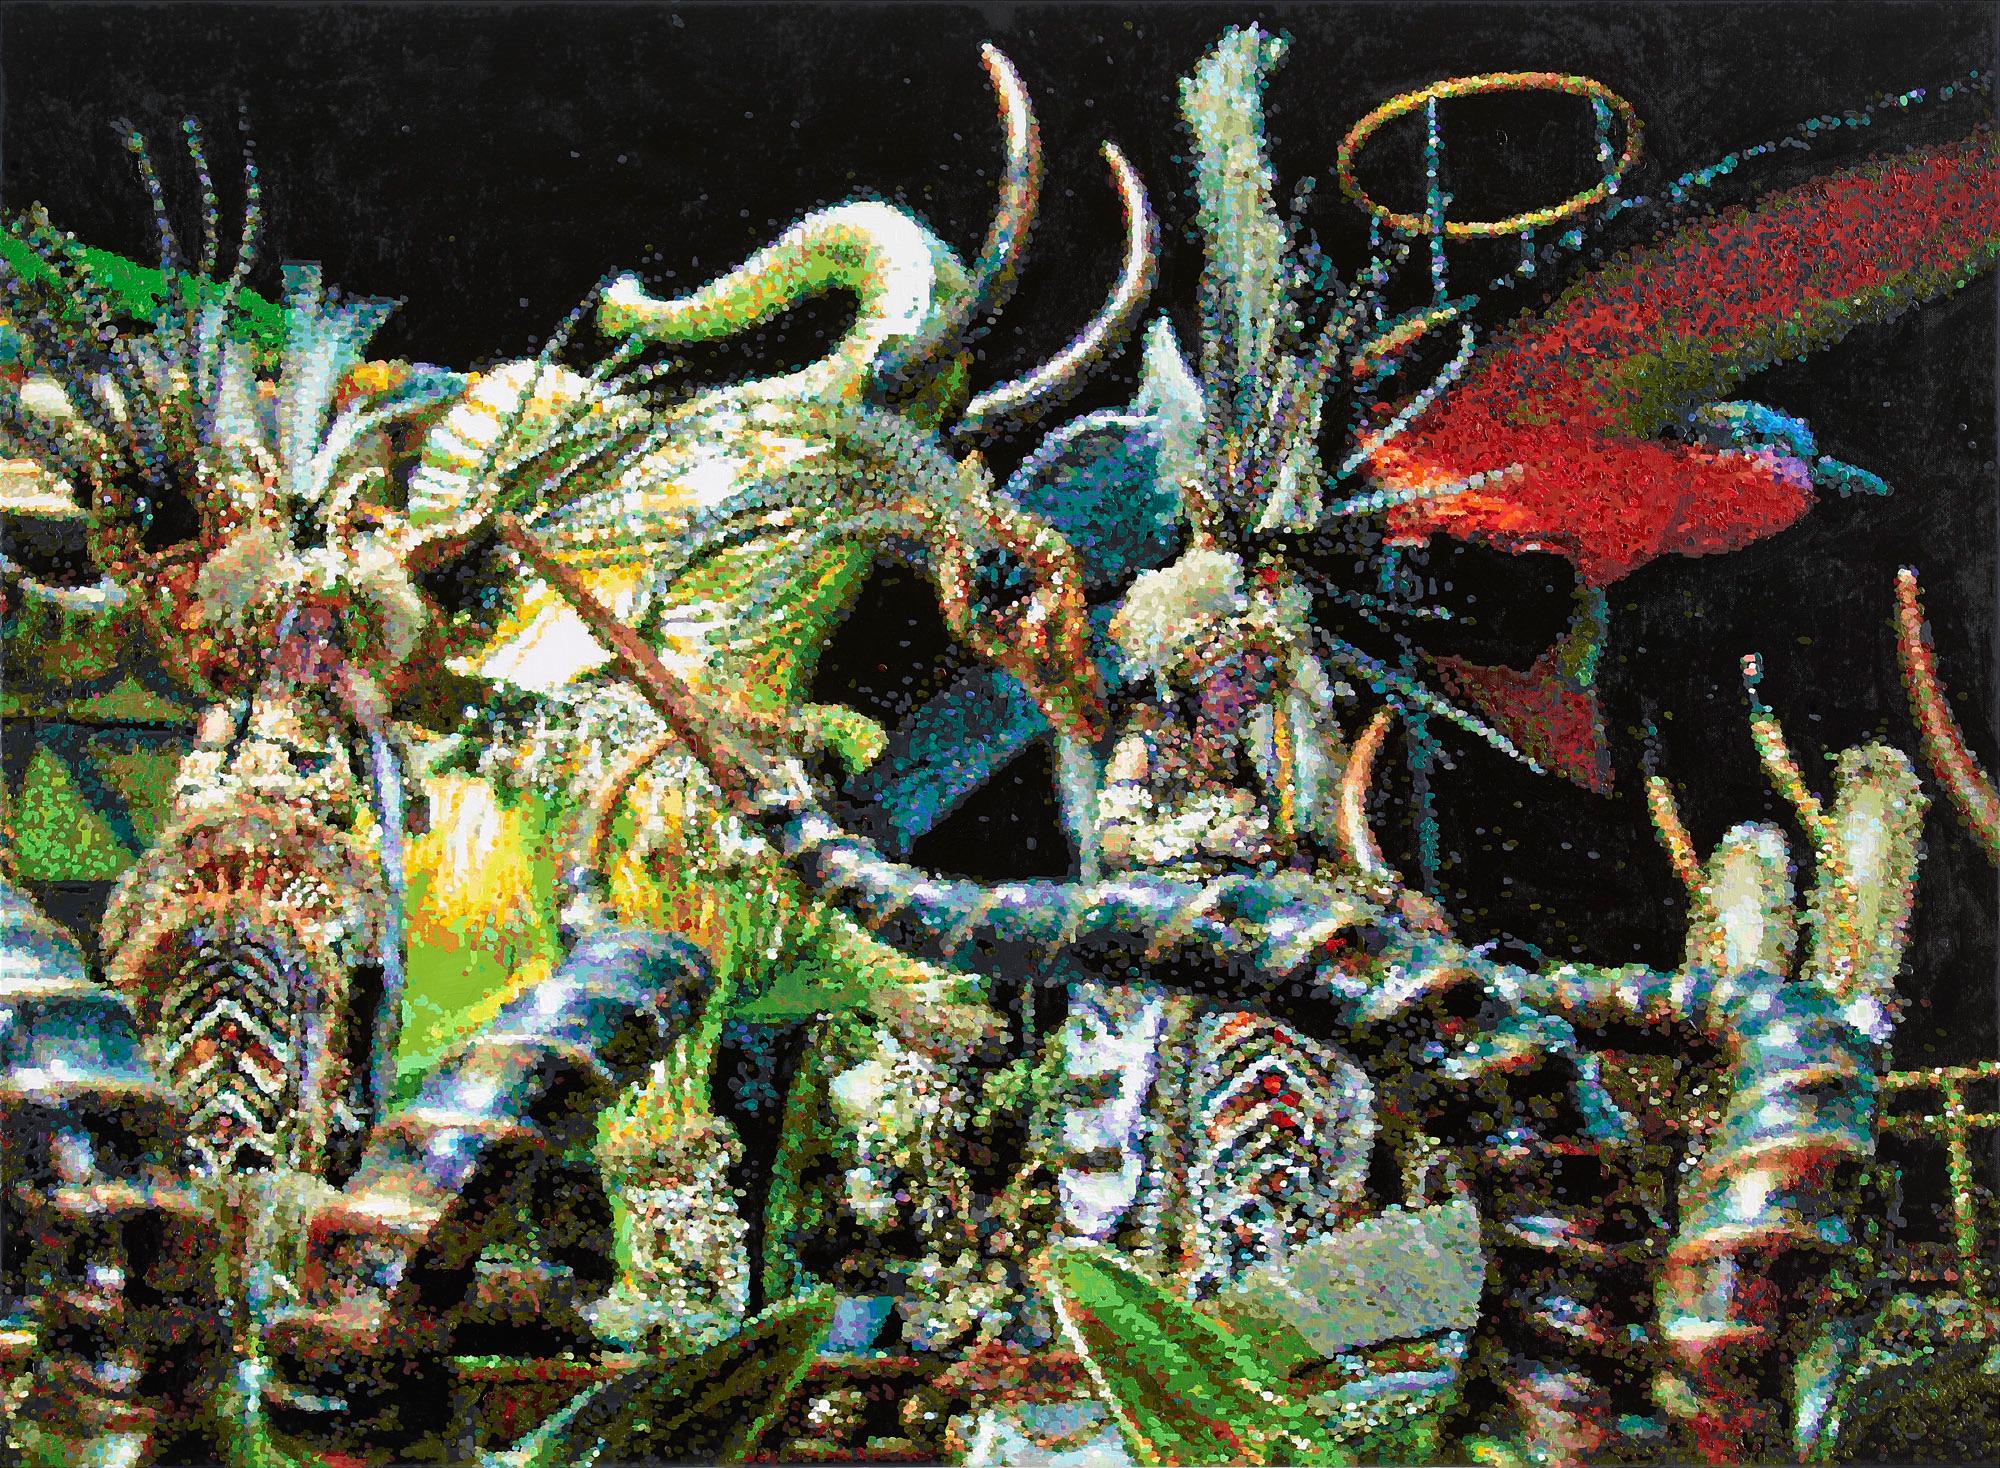 Roemer and Roemer,  Exotische Wesen in Rio de Janeiro,  2012, Öl auf Leinwand, 110x150 cm